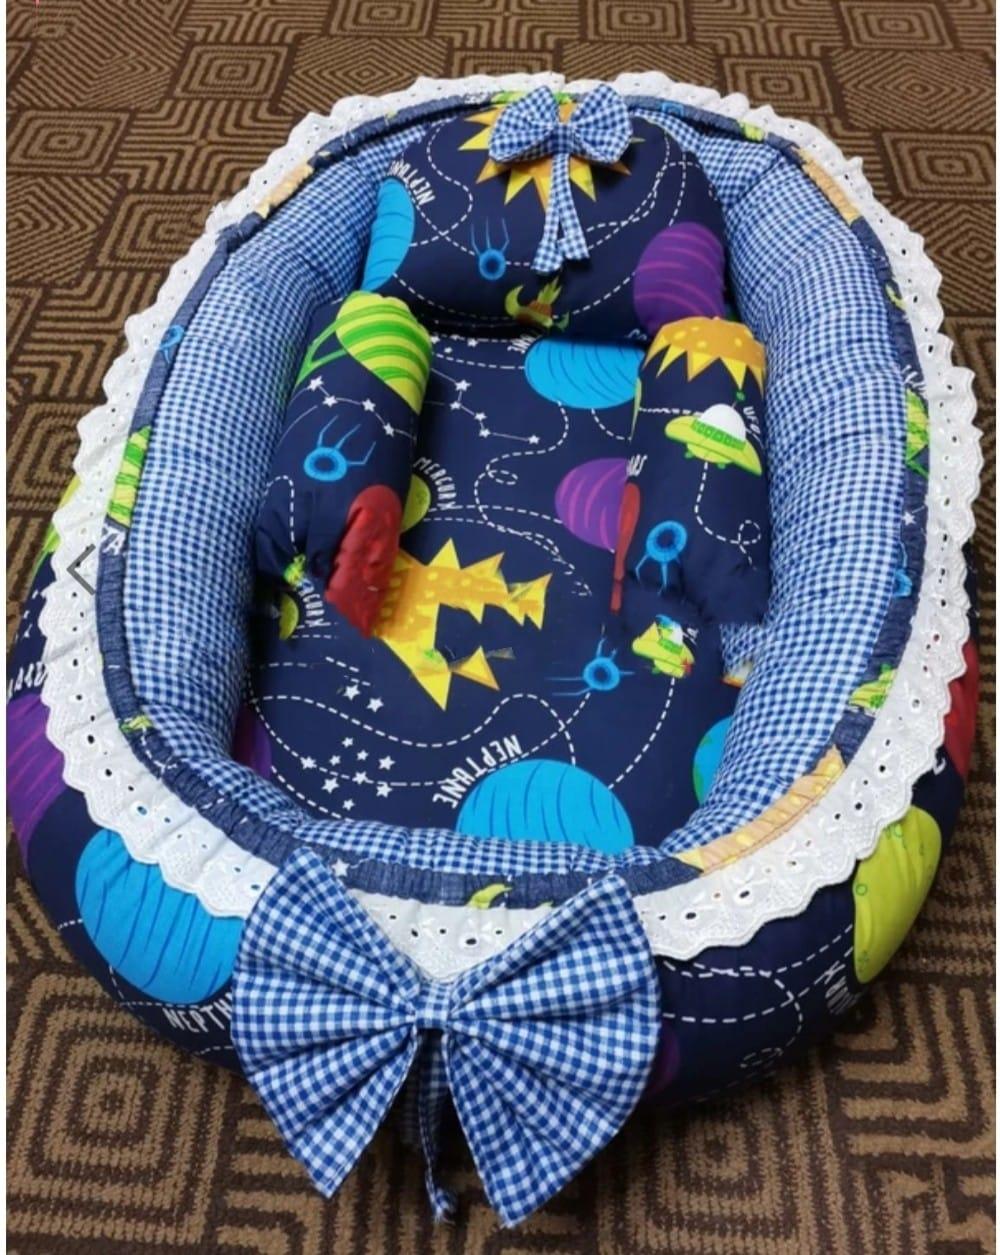 Planet Design Baby Nest – 5 PCS